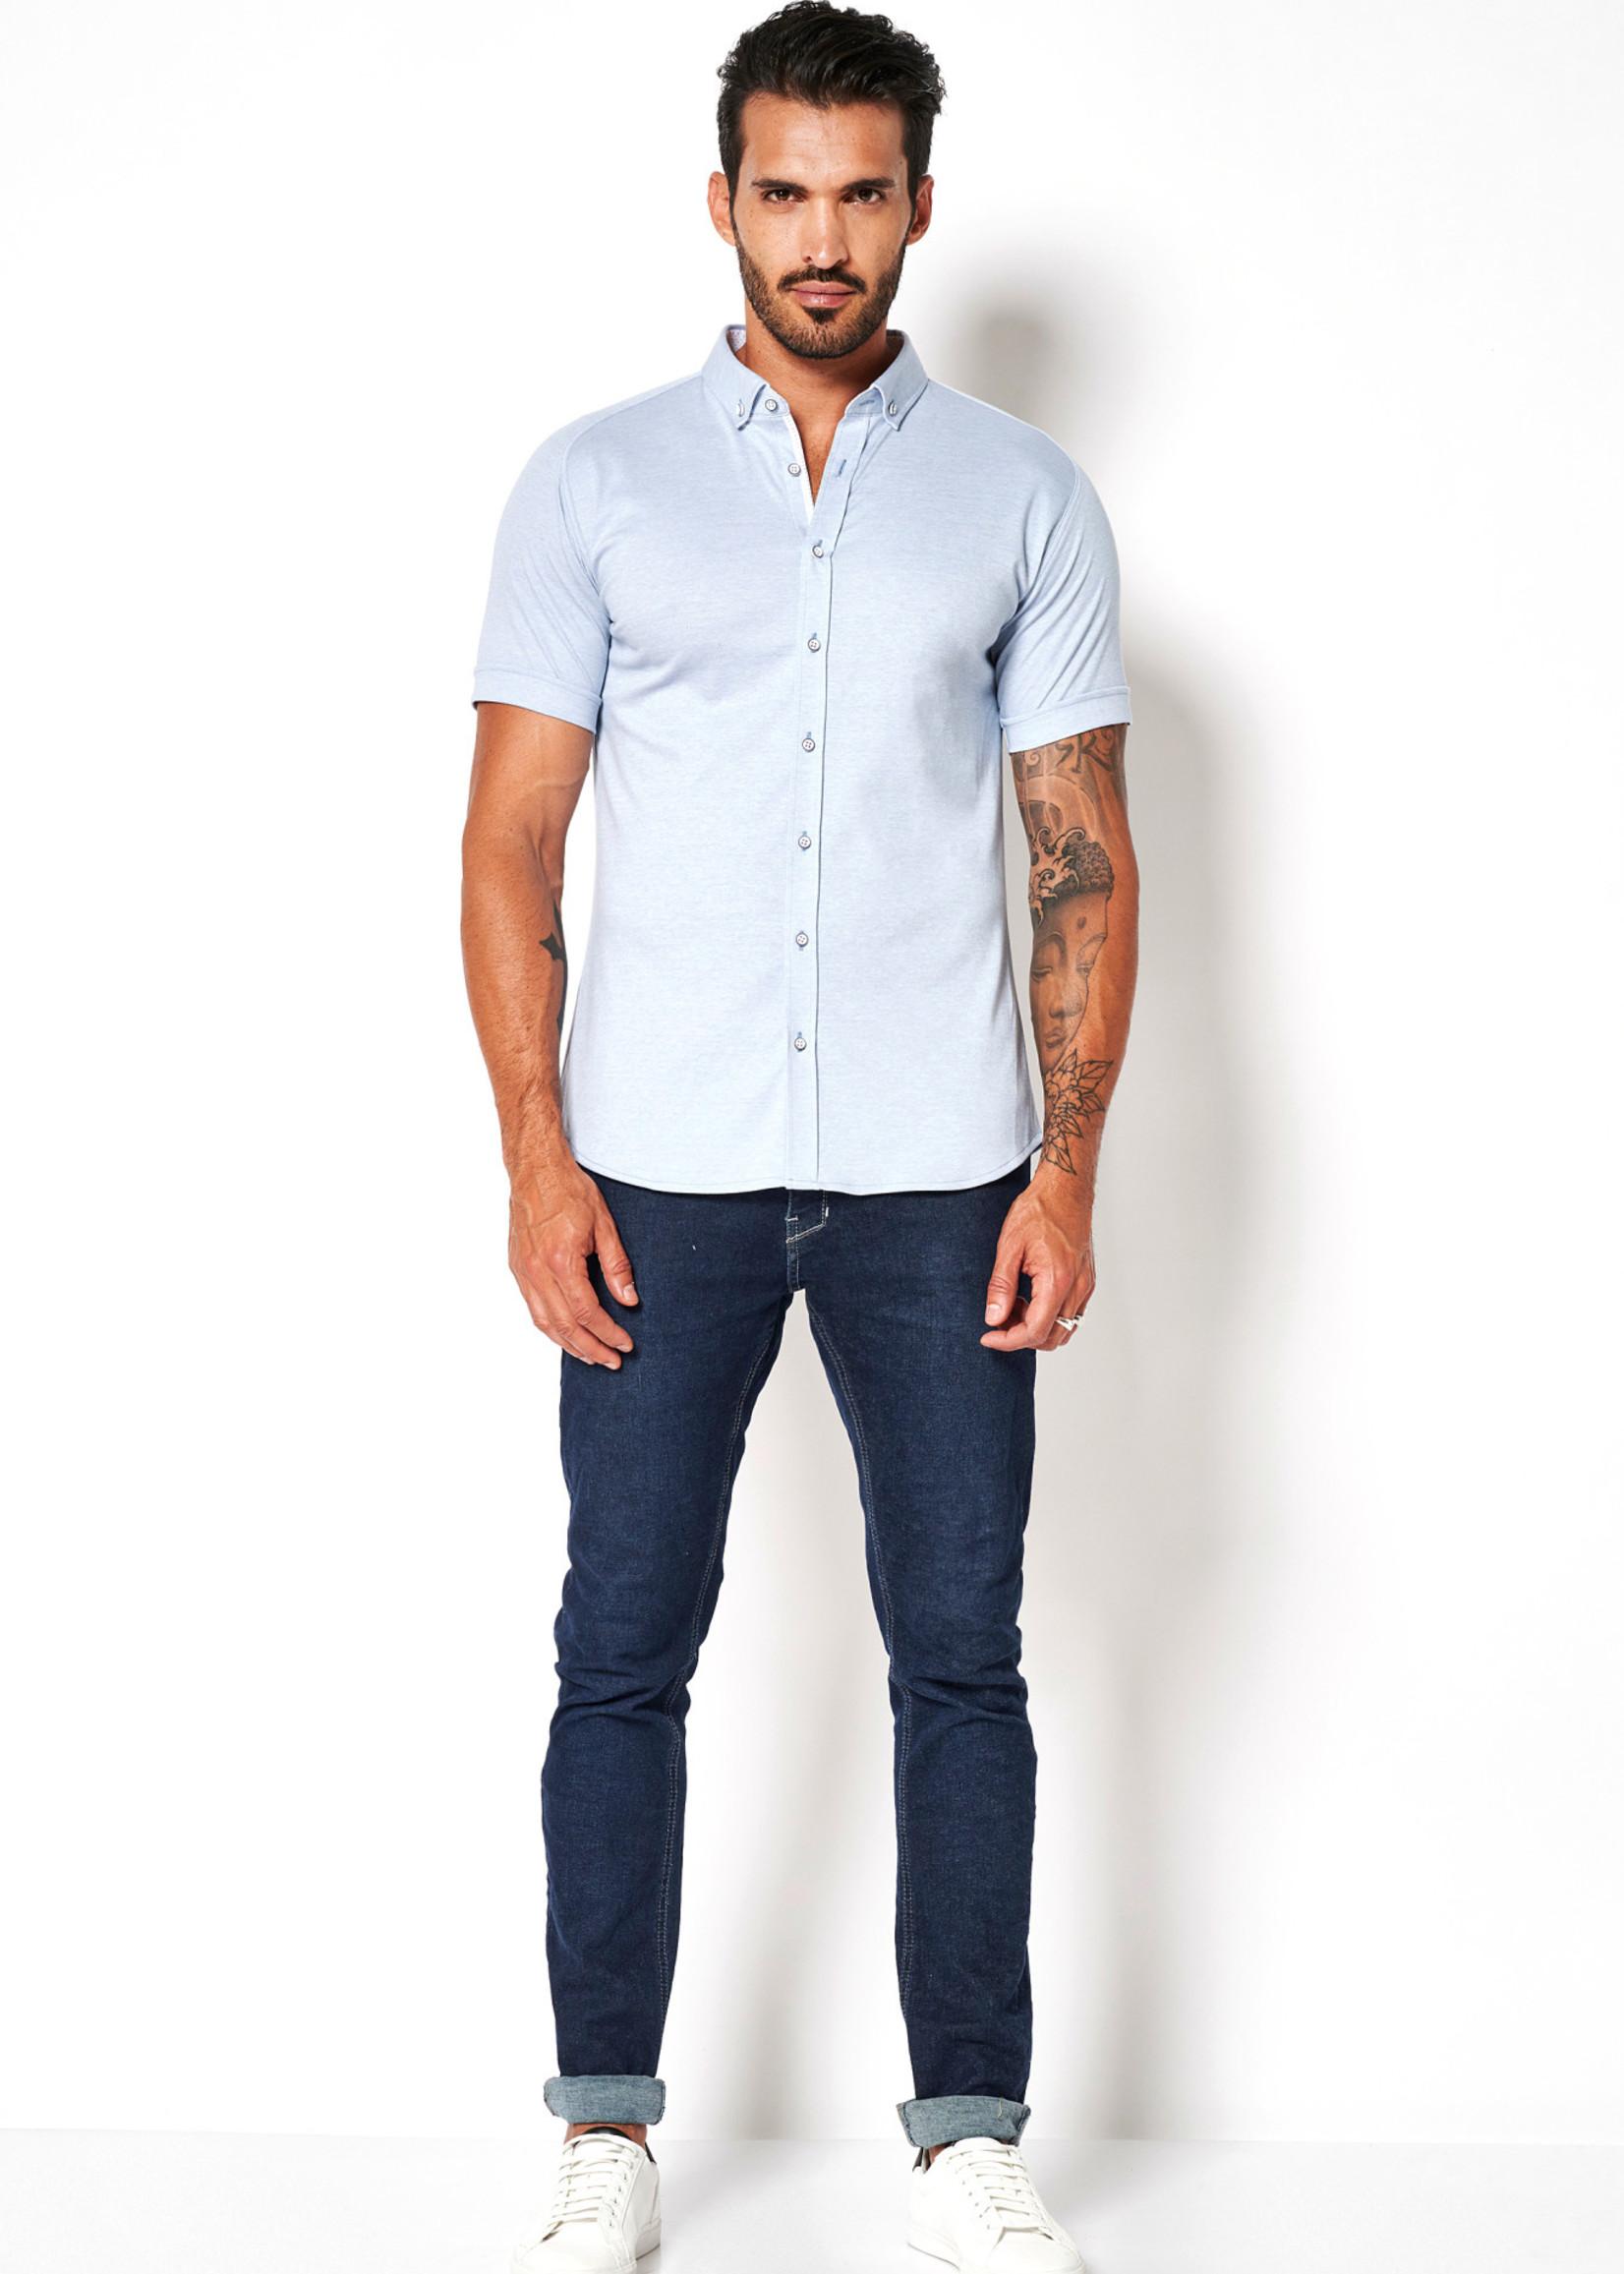 Desoto Modern Button Down  Shirt Korte Mouw  Light Blue Piquee